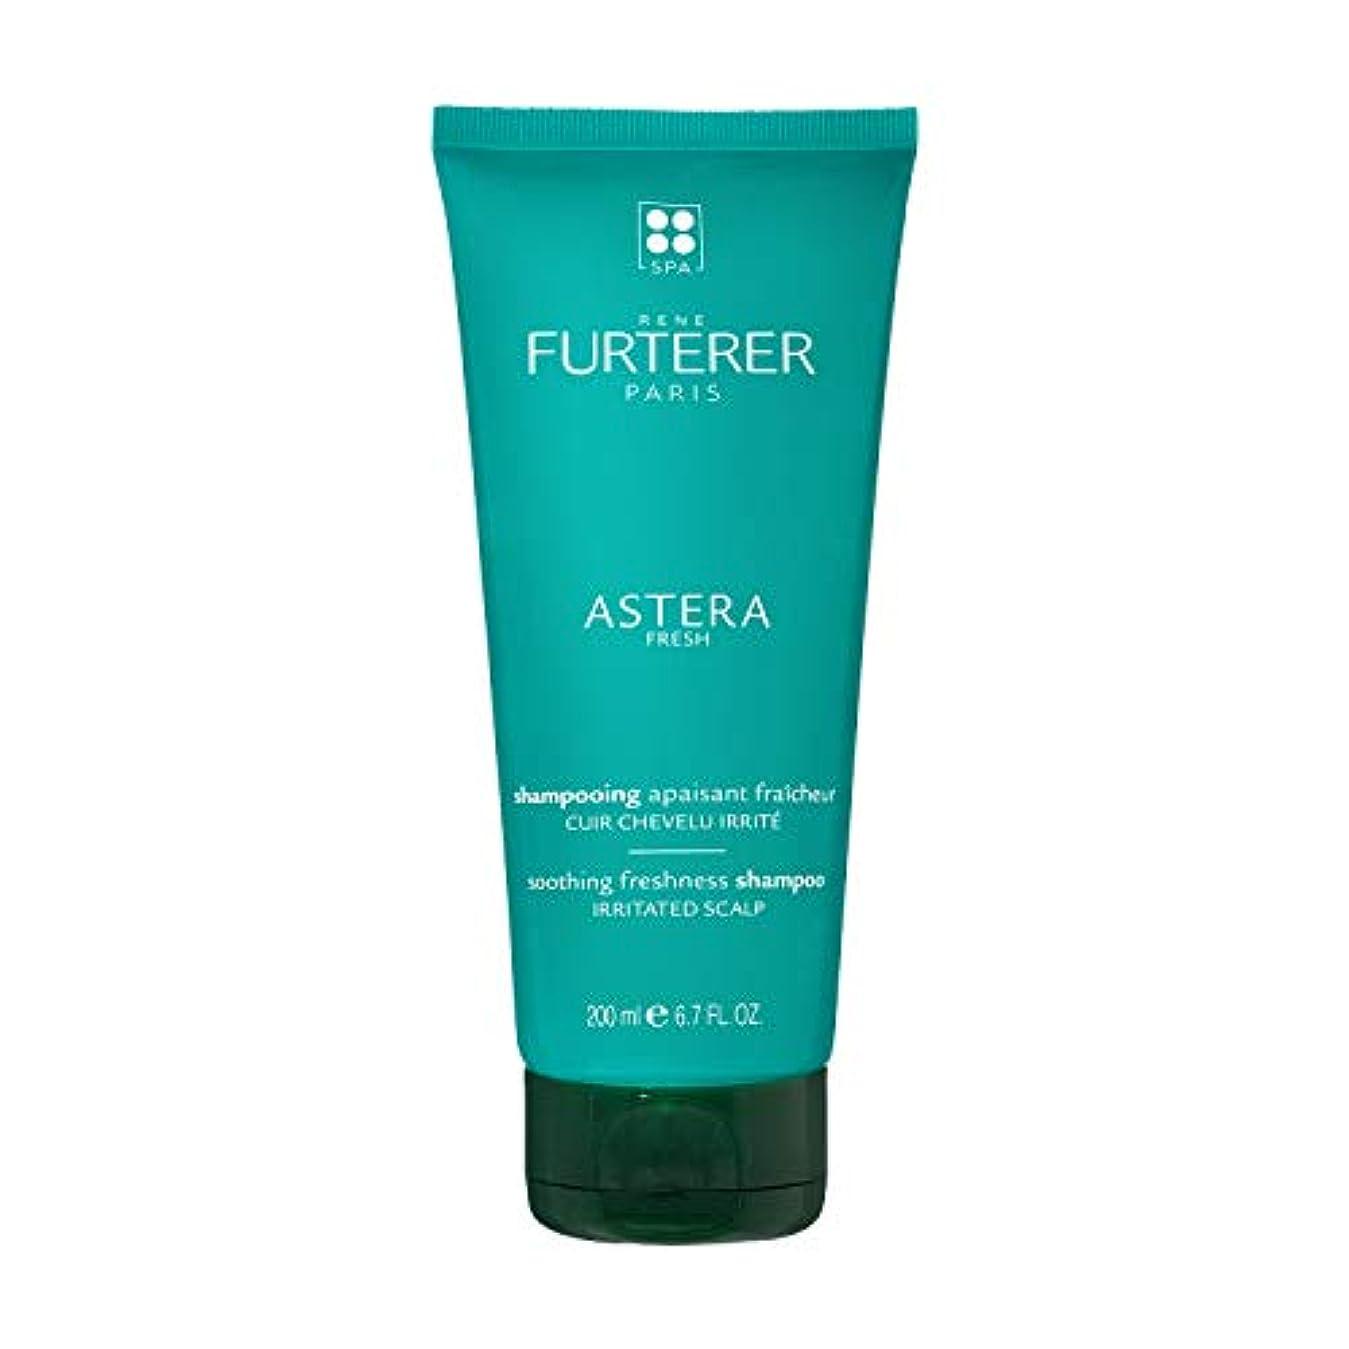 すり季節シェルルネフルトレール Astera Soothing Freshness Shampoo (For Irritated Scalp) 200ml [海外直送品]